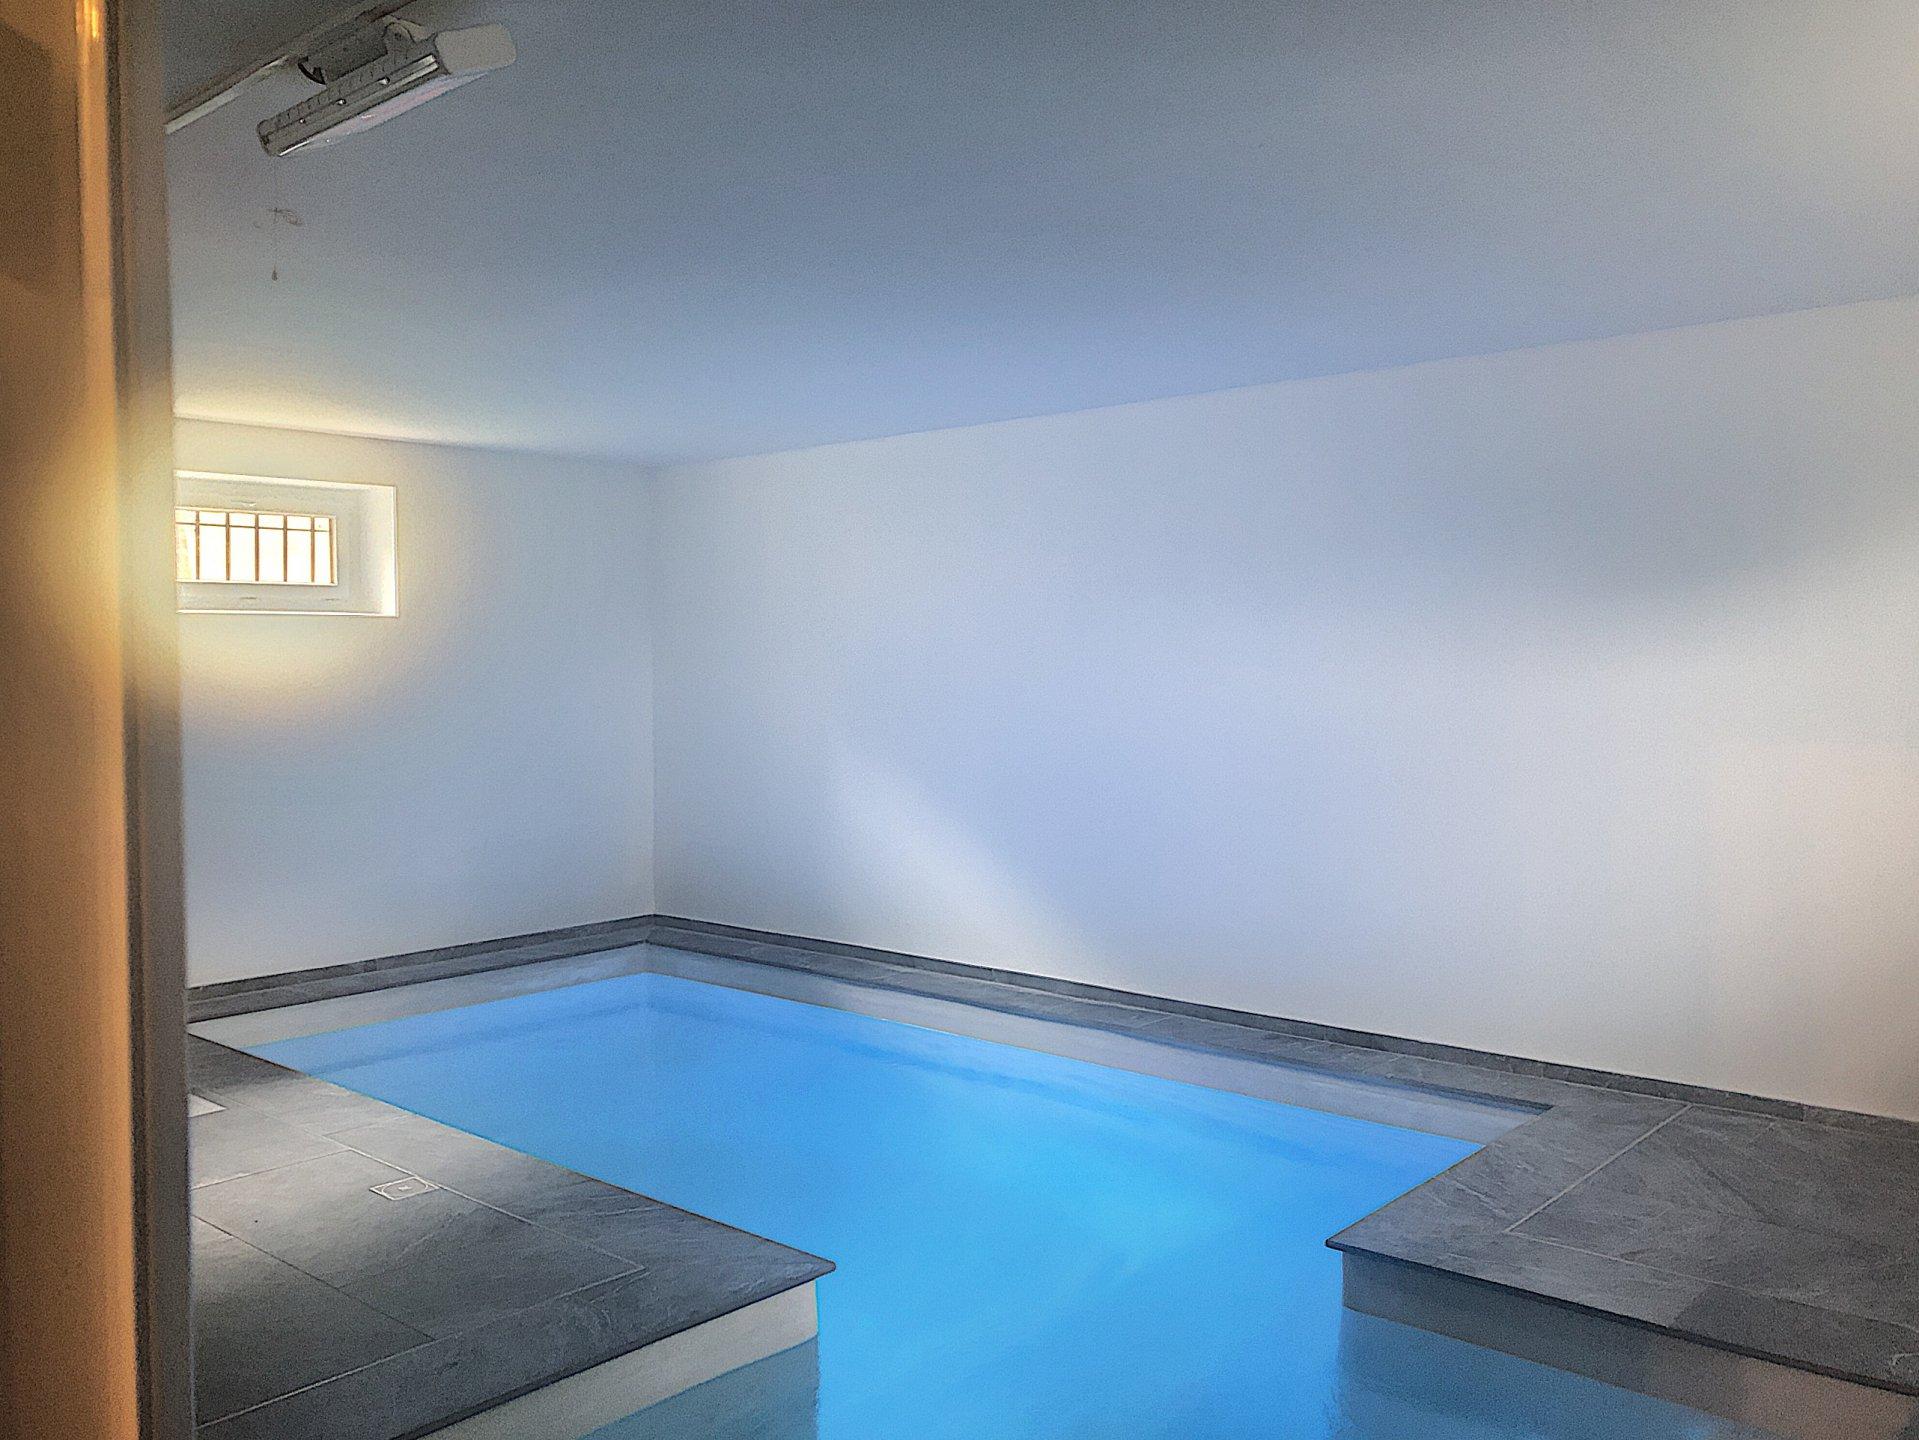 Cagnes sur mer - Villa 6 pièces - 260m2 - 2 piscines - Collettes